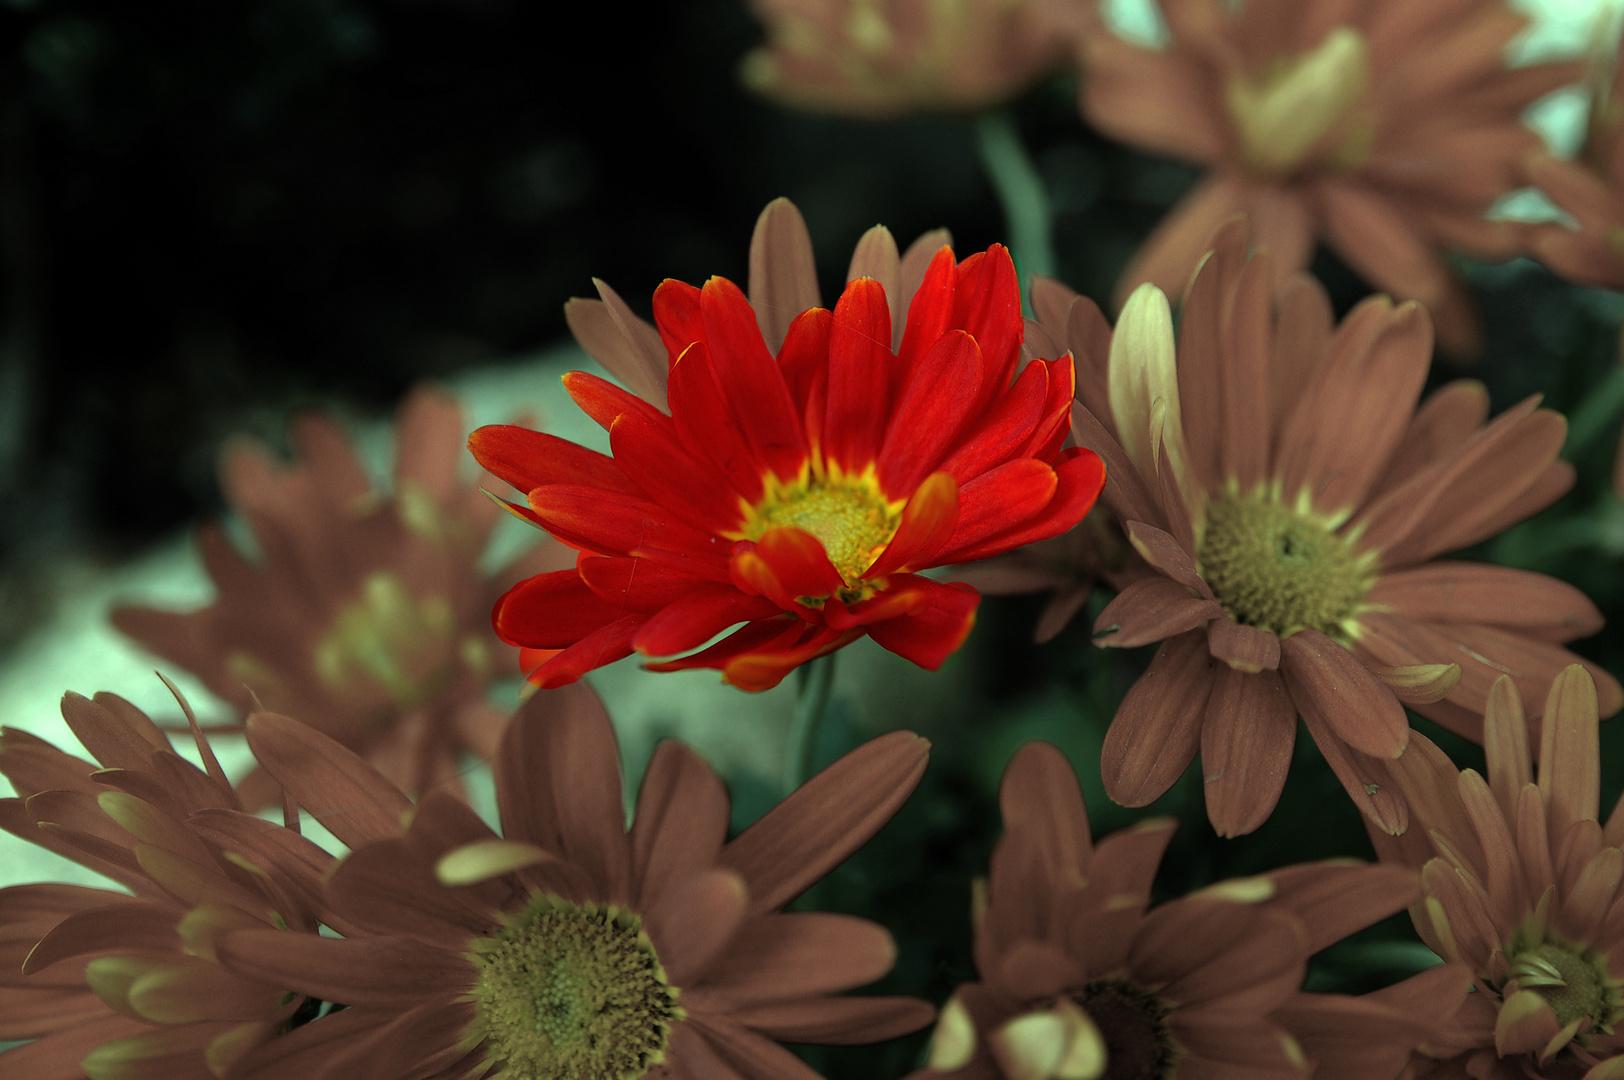 leuchtende Blüte